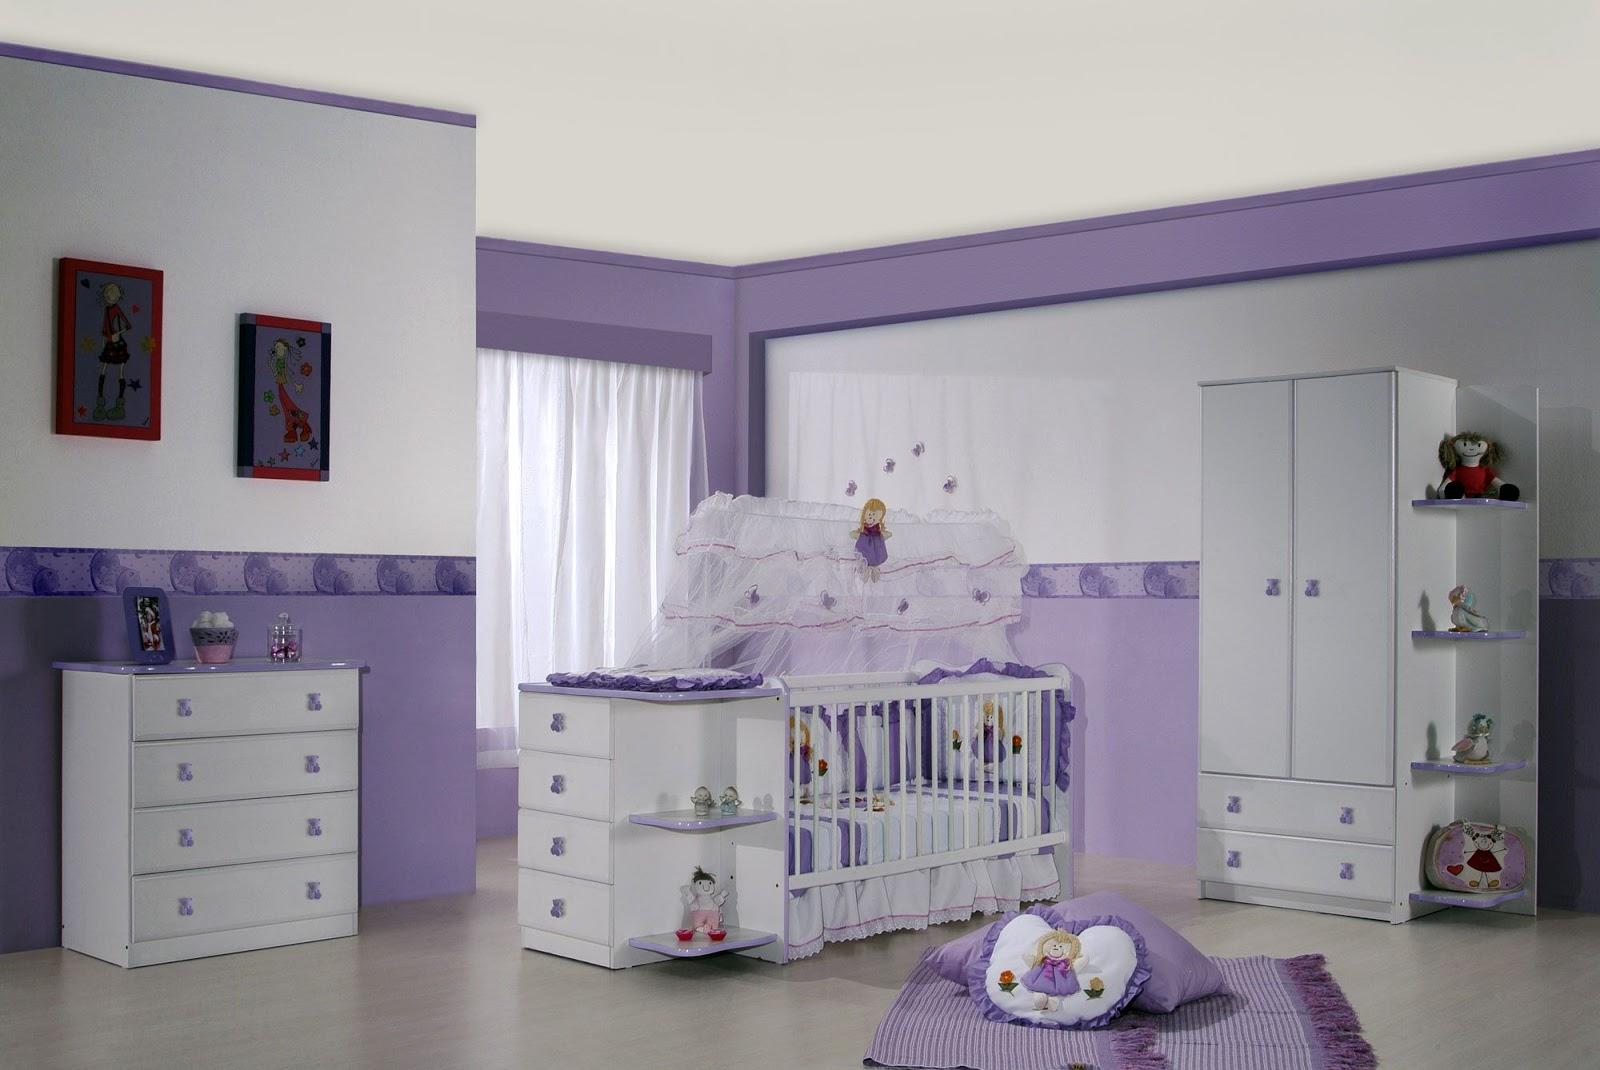 Aprendo E Passo Quartos De Beb S ~ Quarto De Bebe Cores E Quadrinhos Quarto Bebe